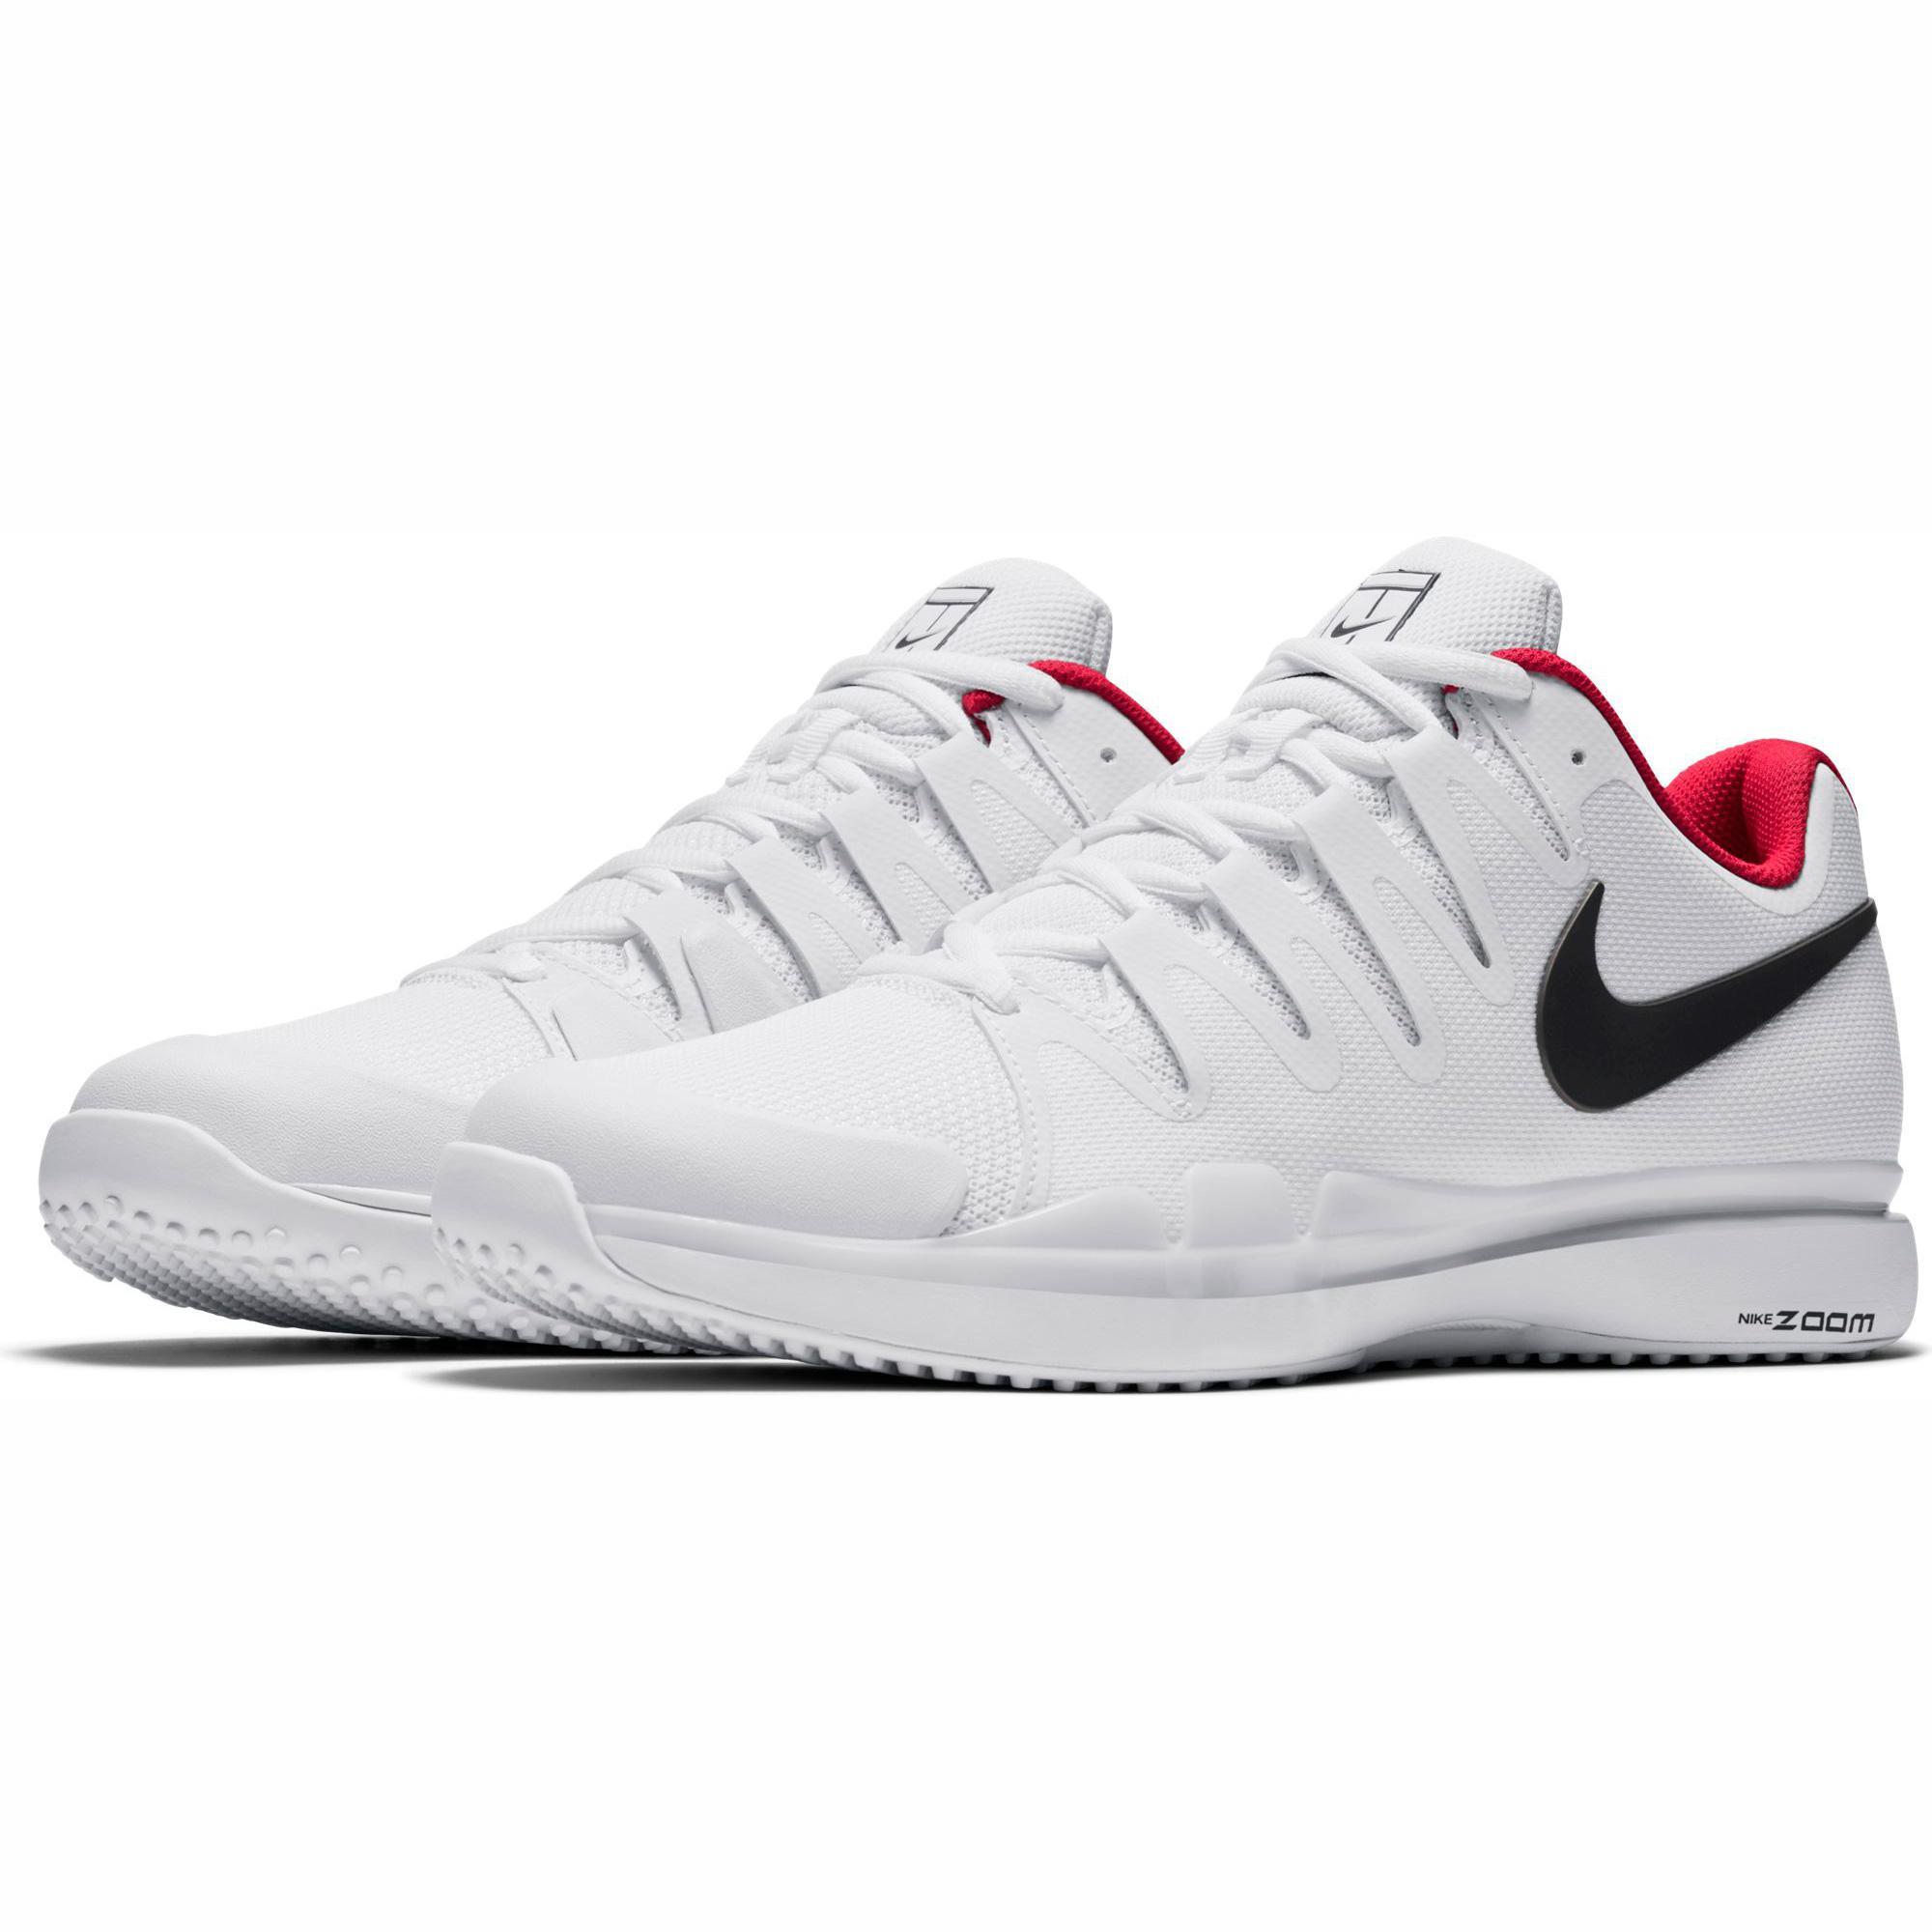 904c948764854 Nike Zoom Vapor 9.5 Tour Grass Court Tennis Shoes - White ...